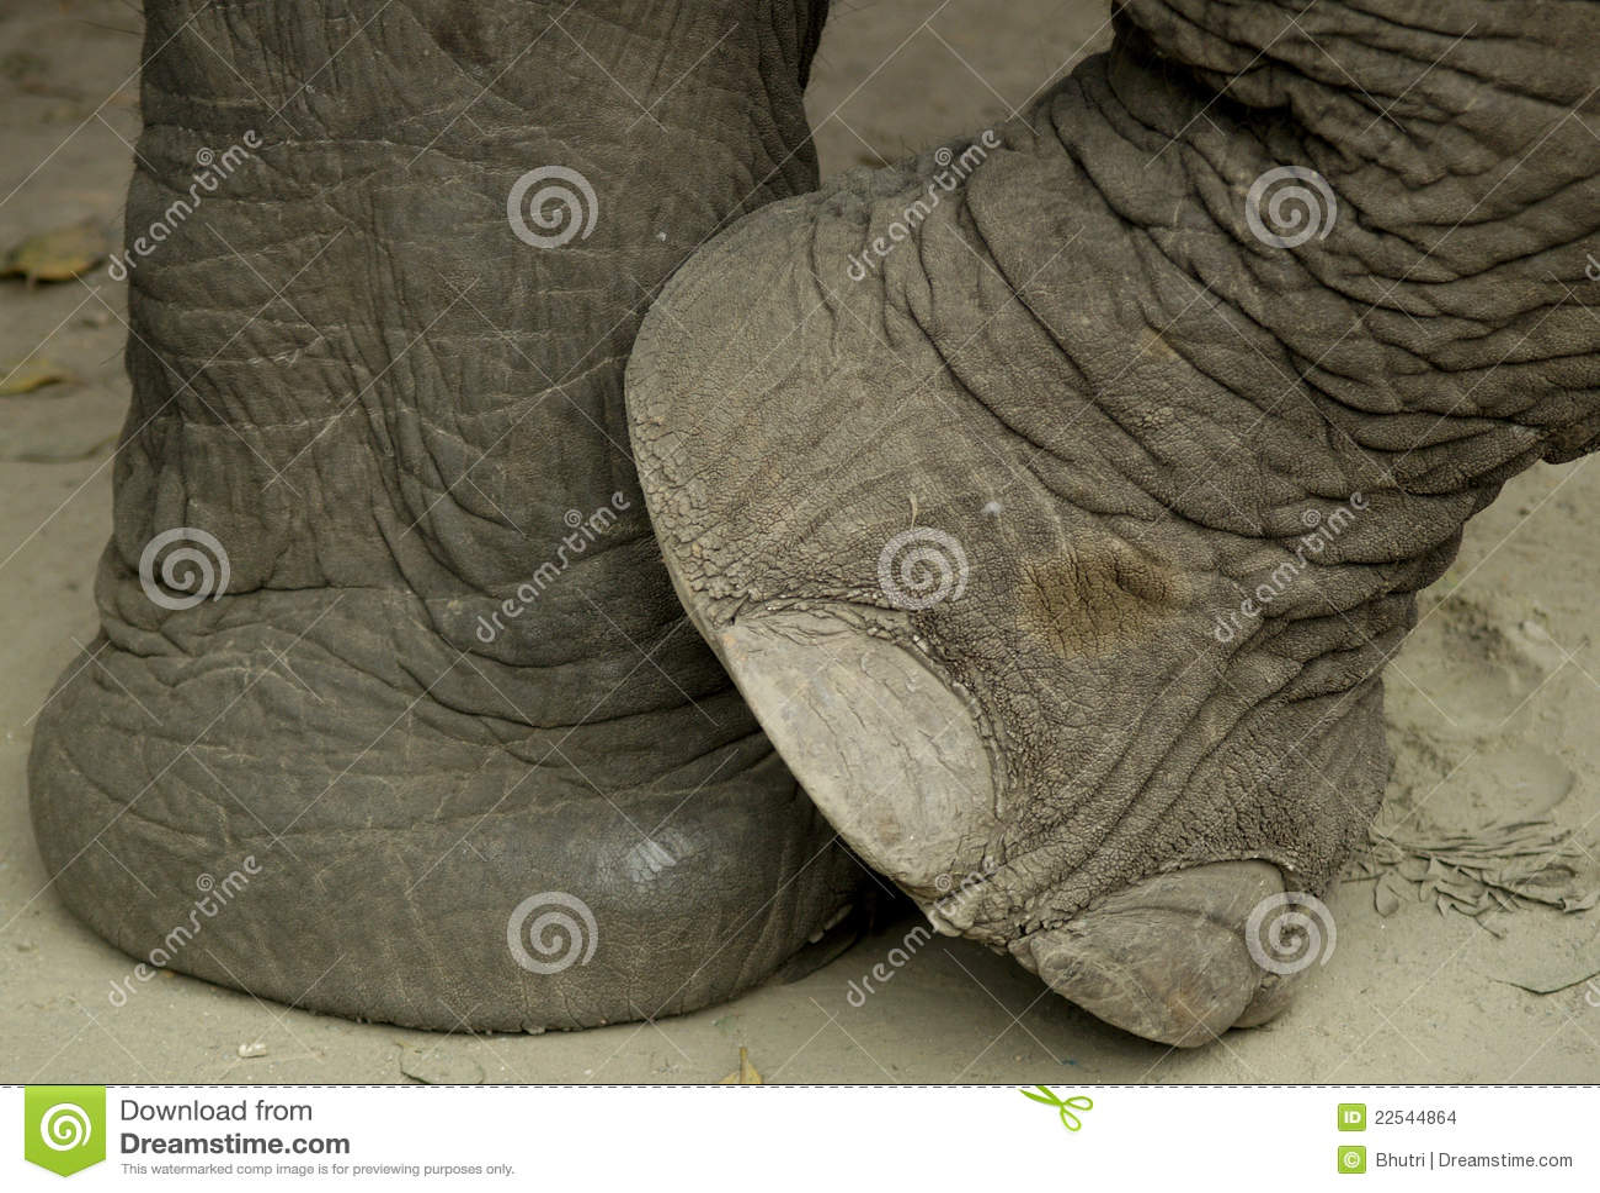 taille 40 b98f5 b42aa La patte de l'éléphant photo stock. Image du orteils - 22544864